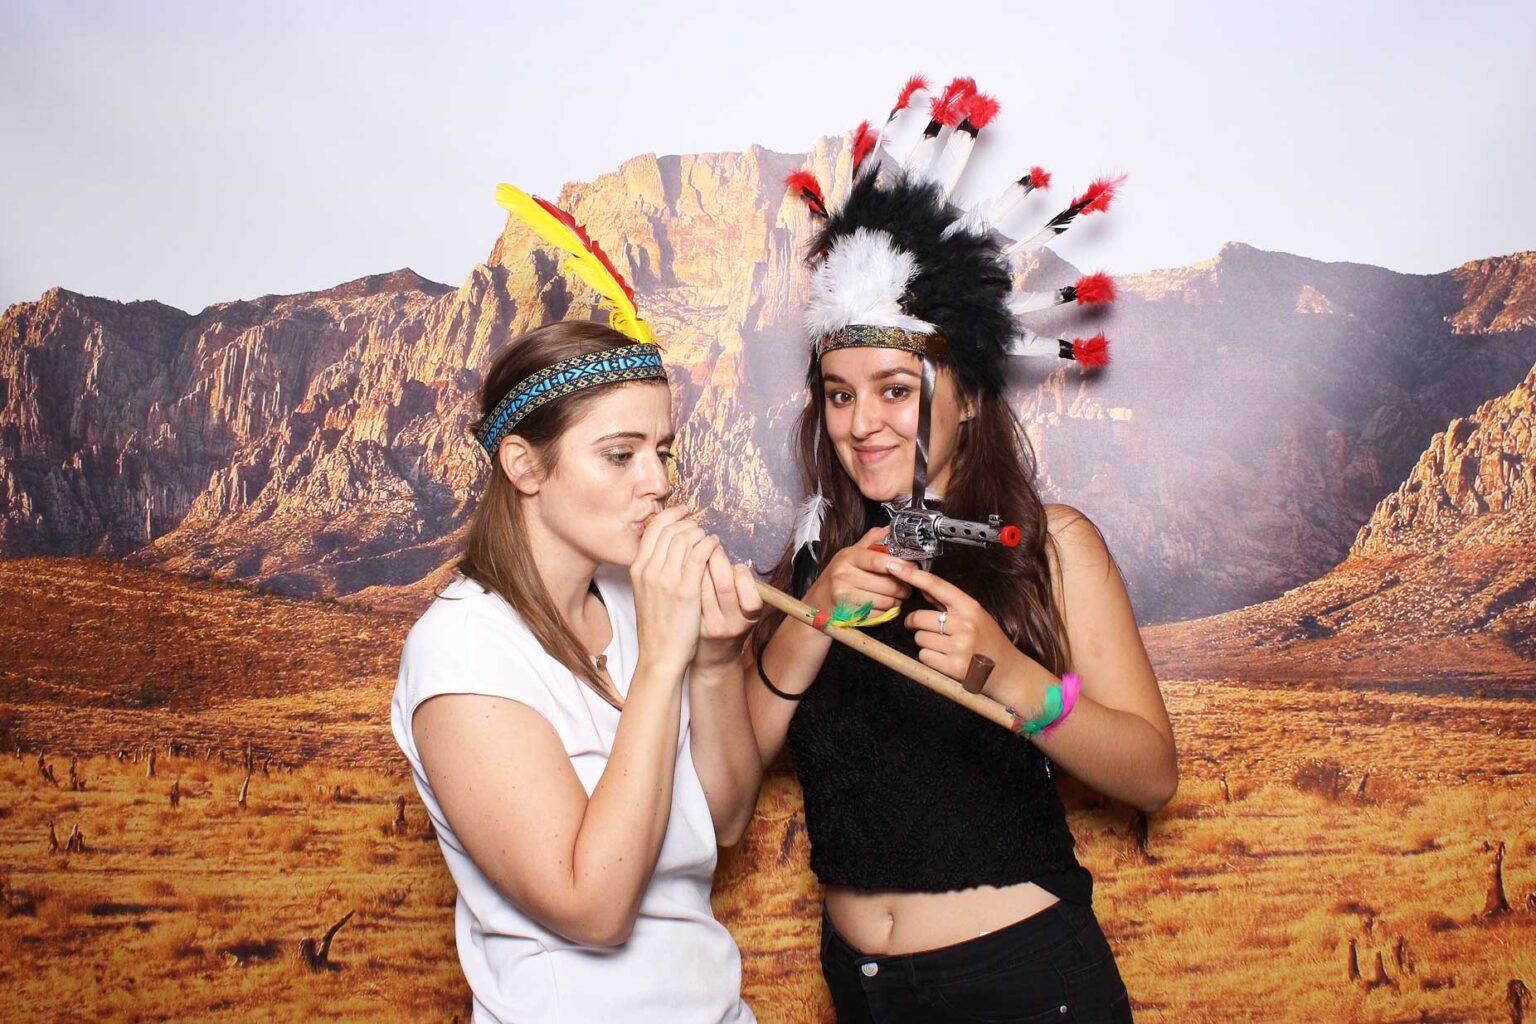 Pozadie Western - fotokútik na indiánsku párty - fotostena.